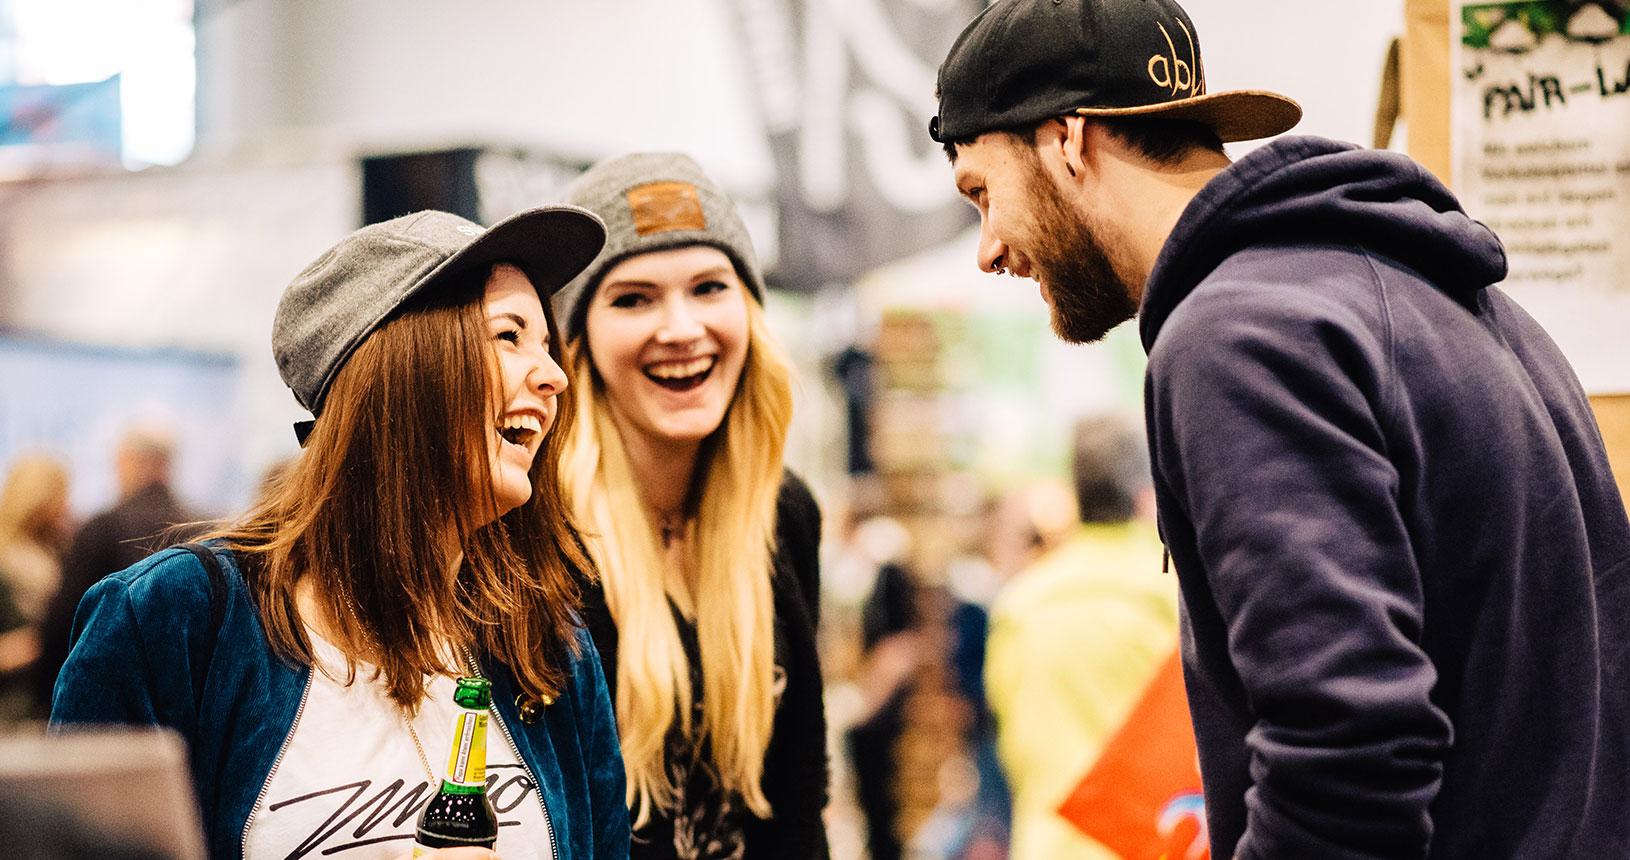 Freizeit- Freunde treffen auf der RUFUS Bremen